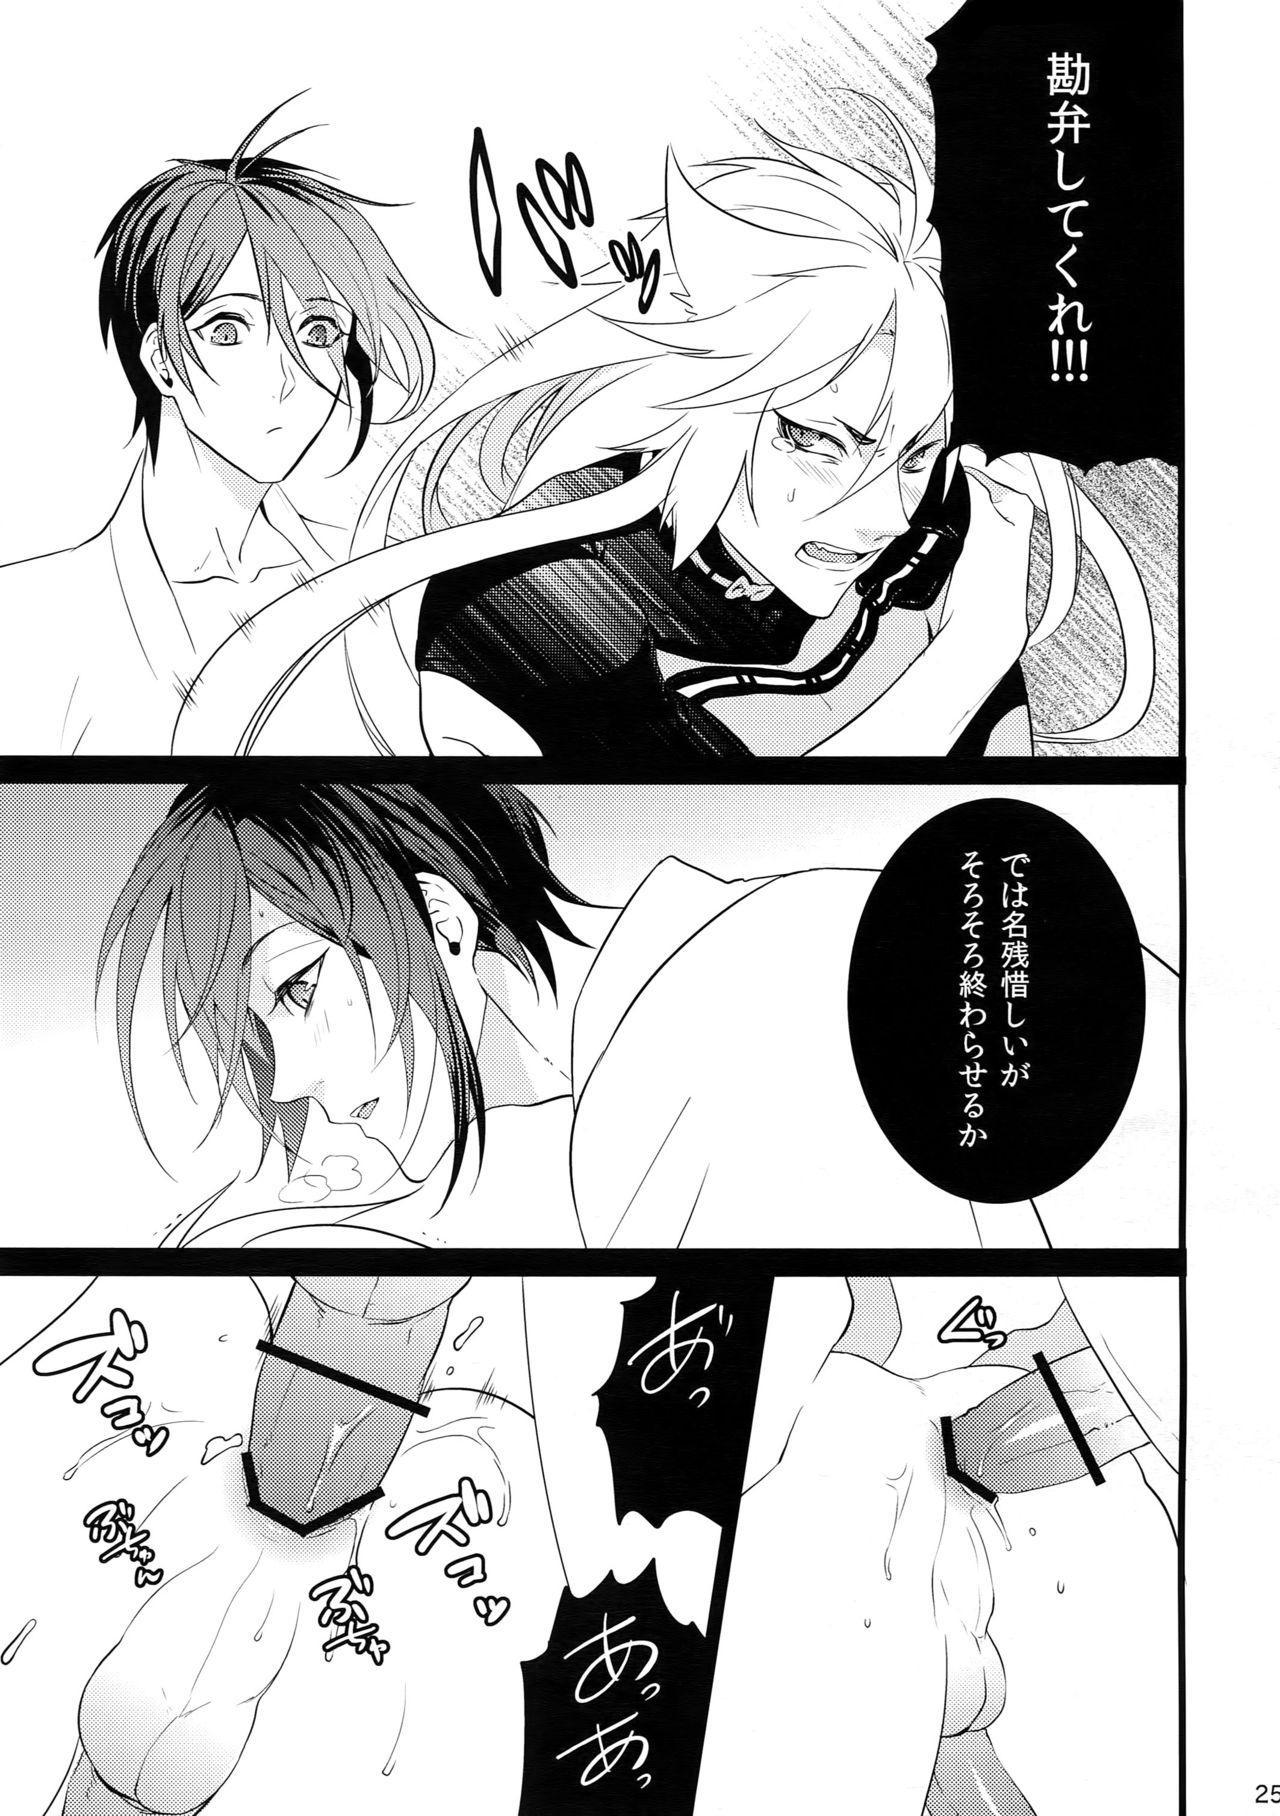 Chijou no Sata mo Yome Shidai 23